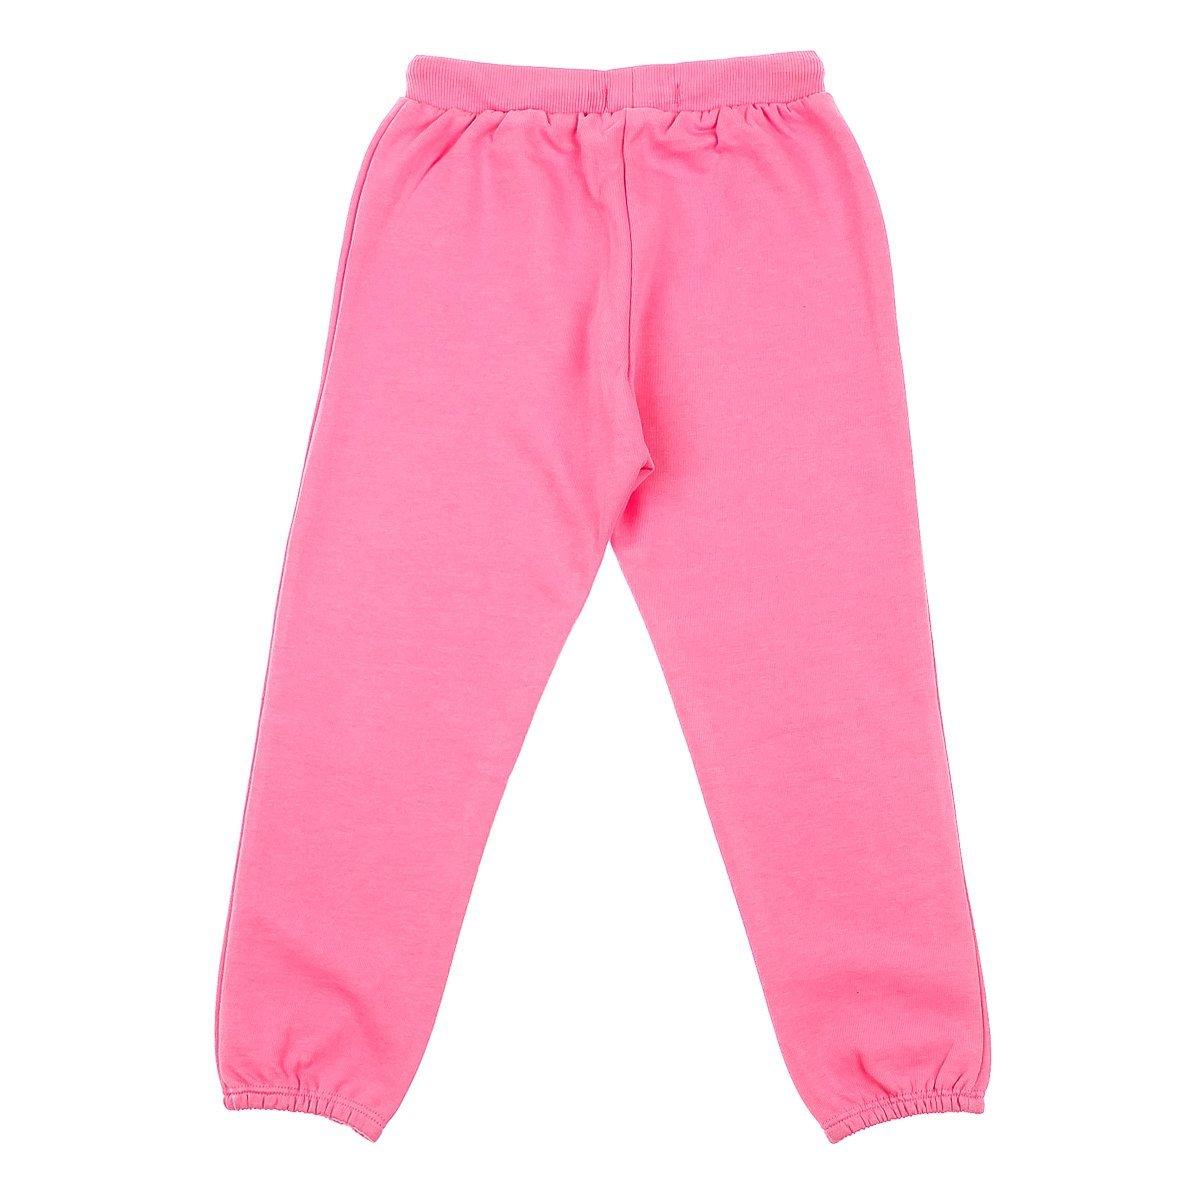 Купить Брюки, джинсы, шорты, Штаны Silversun Tea Rose, р. 110 JP-213217C3 ТМ: Silversun, розовый